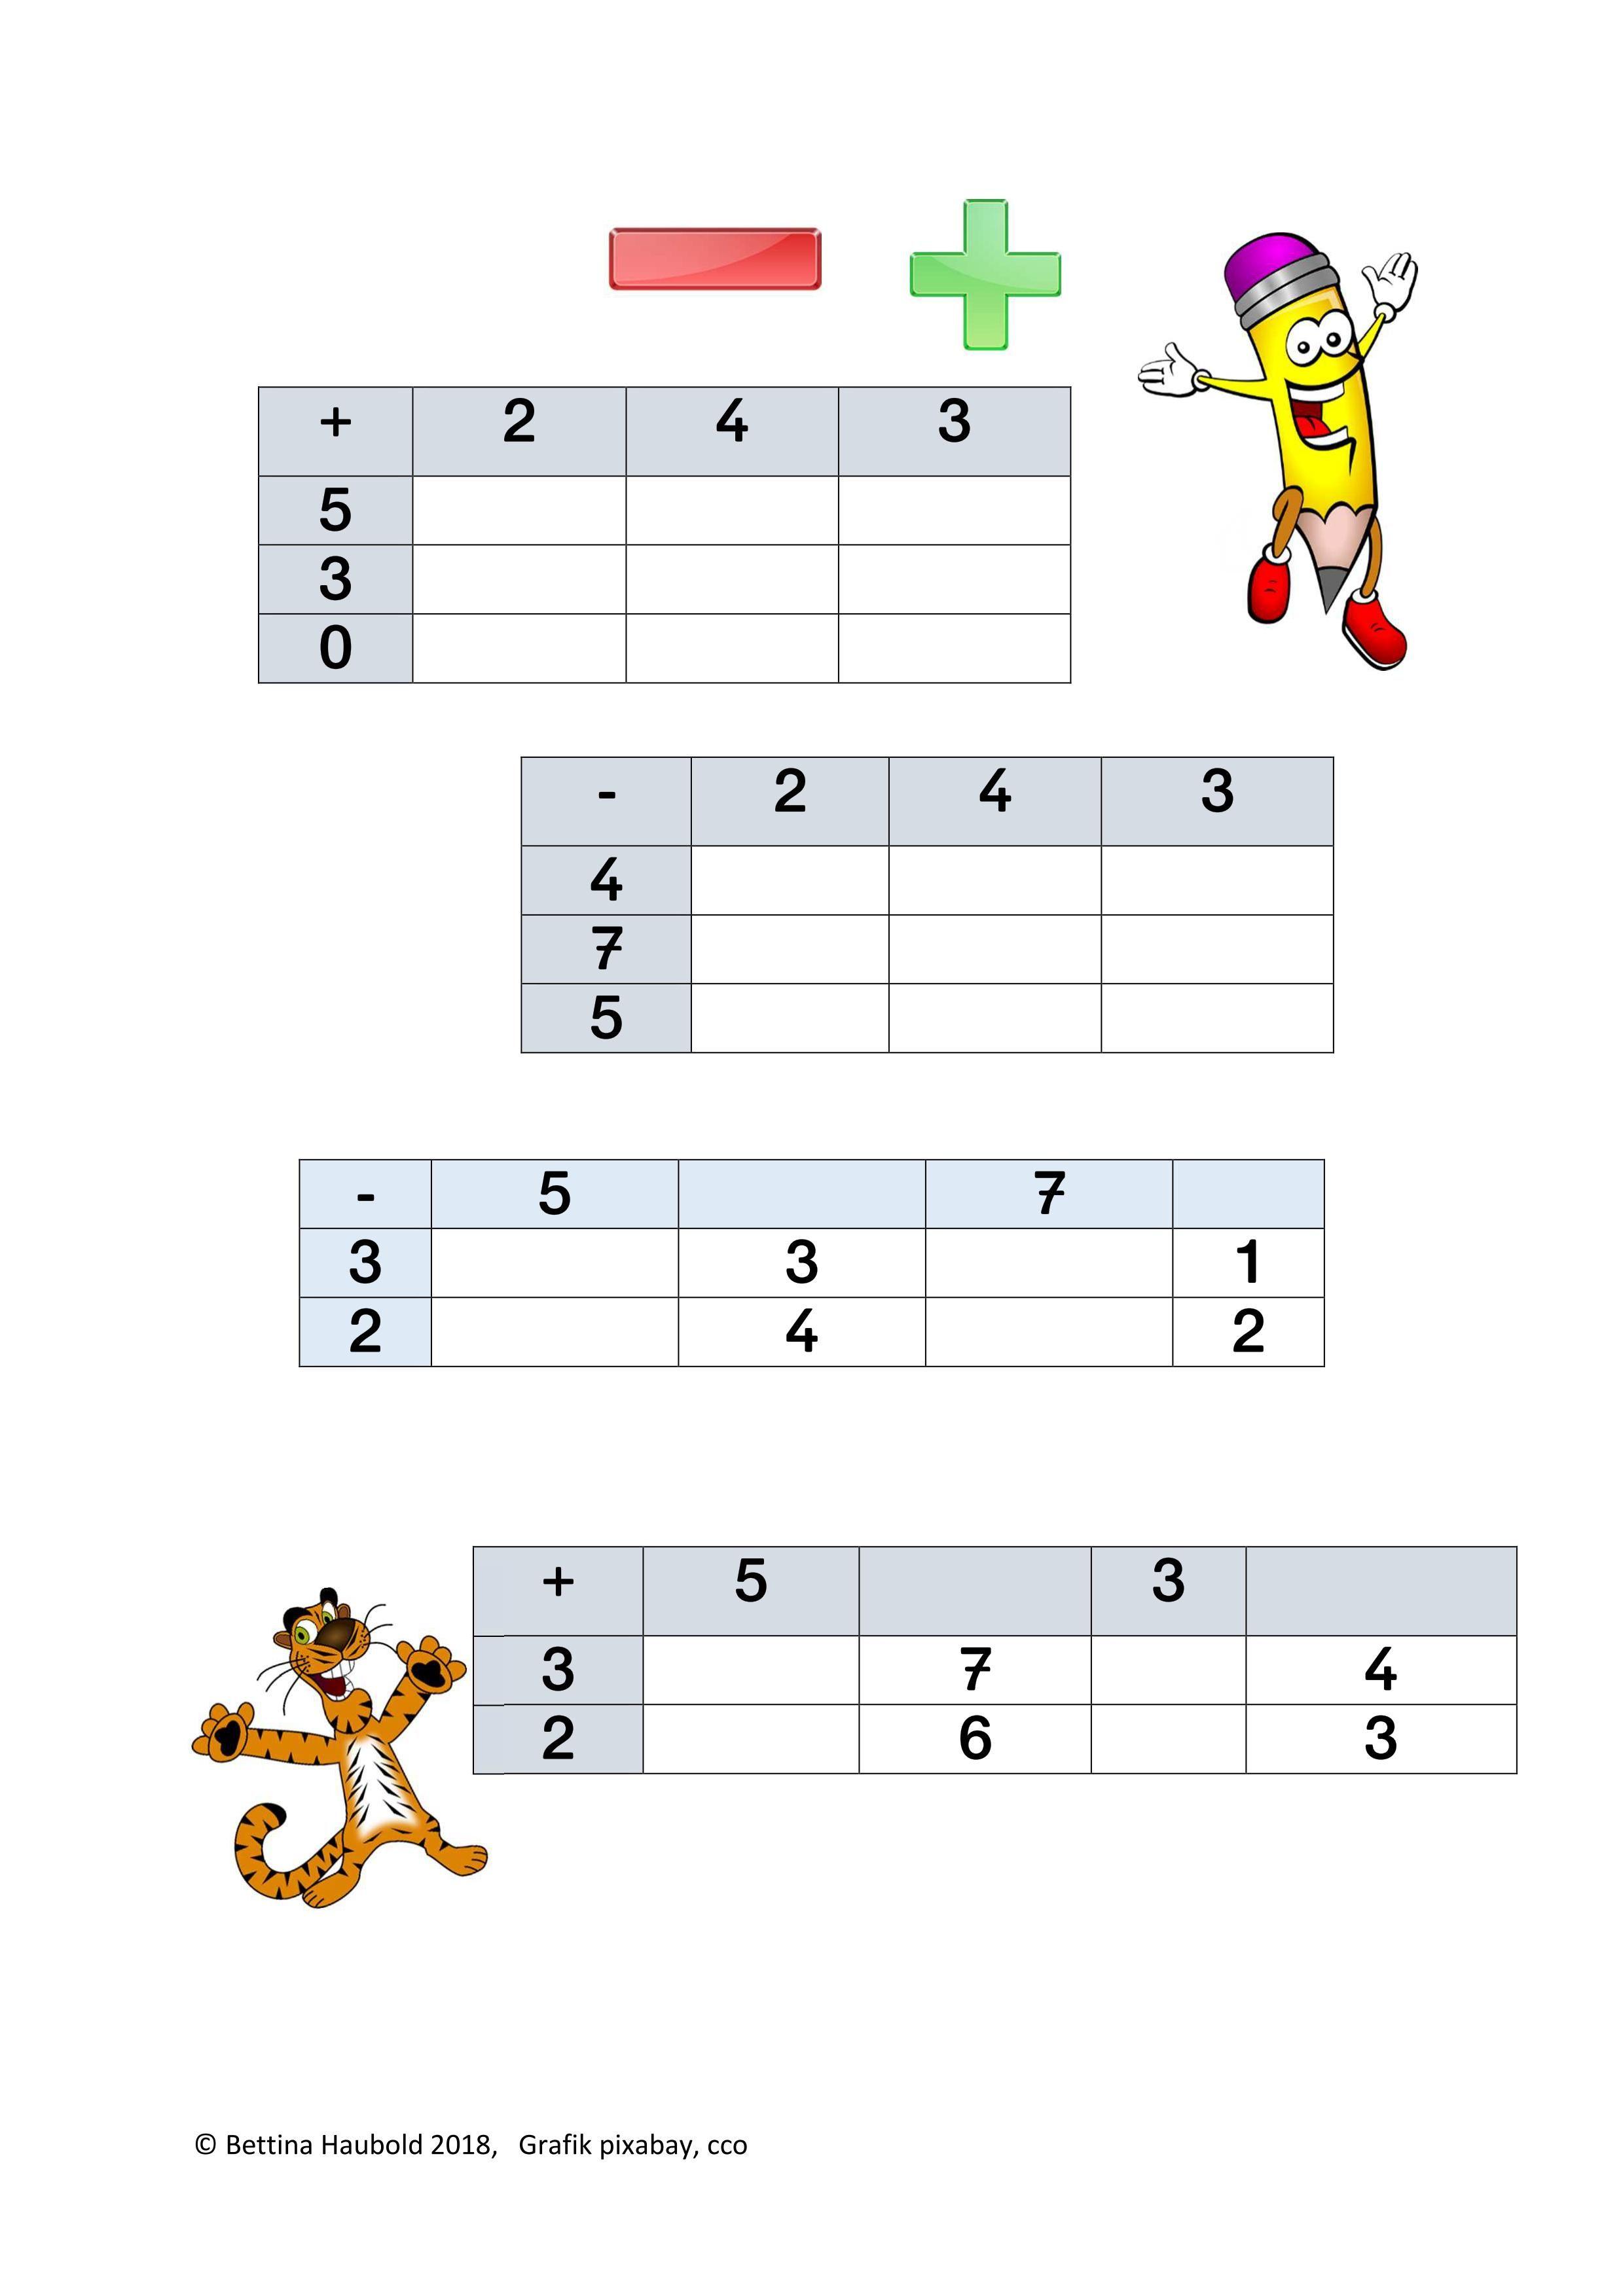 Rechnen in Tabellen im ZR bis 8 – Mathematik | Mathematik | Pinterest